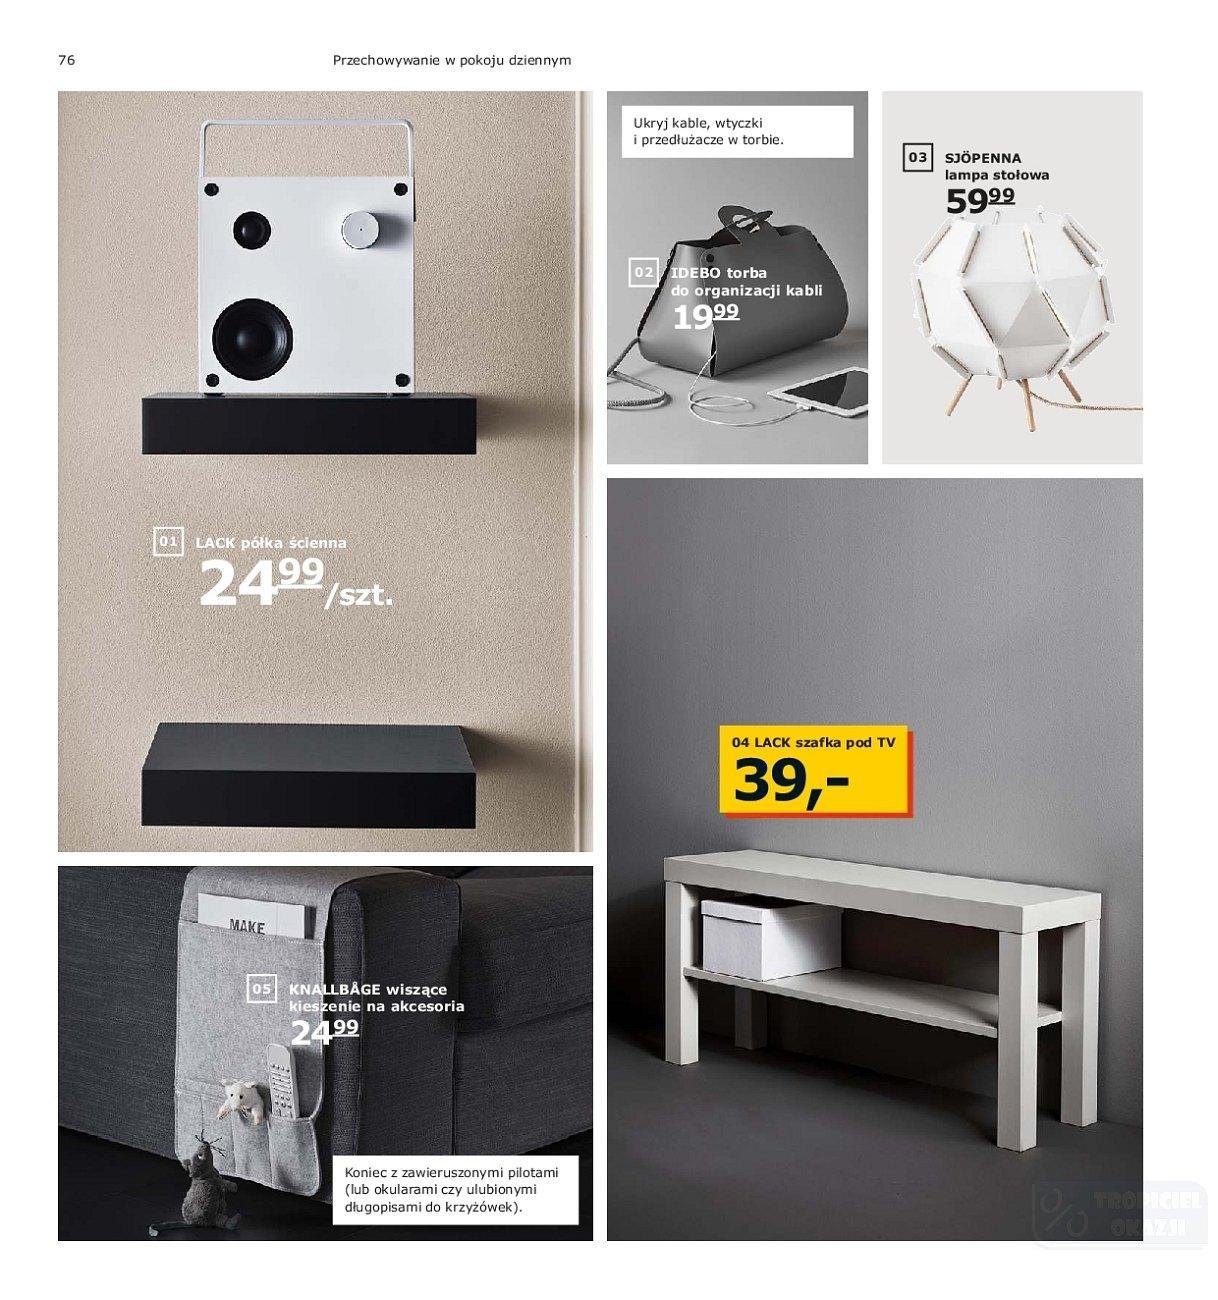 Gazetka promocyjna IKEA do 31/07/2019 str.76